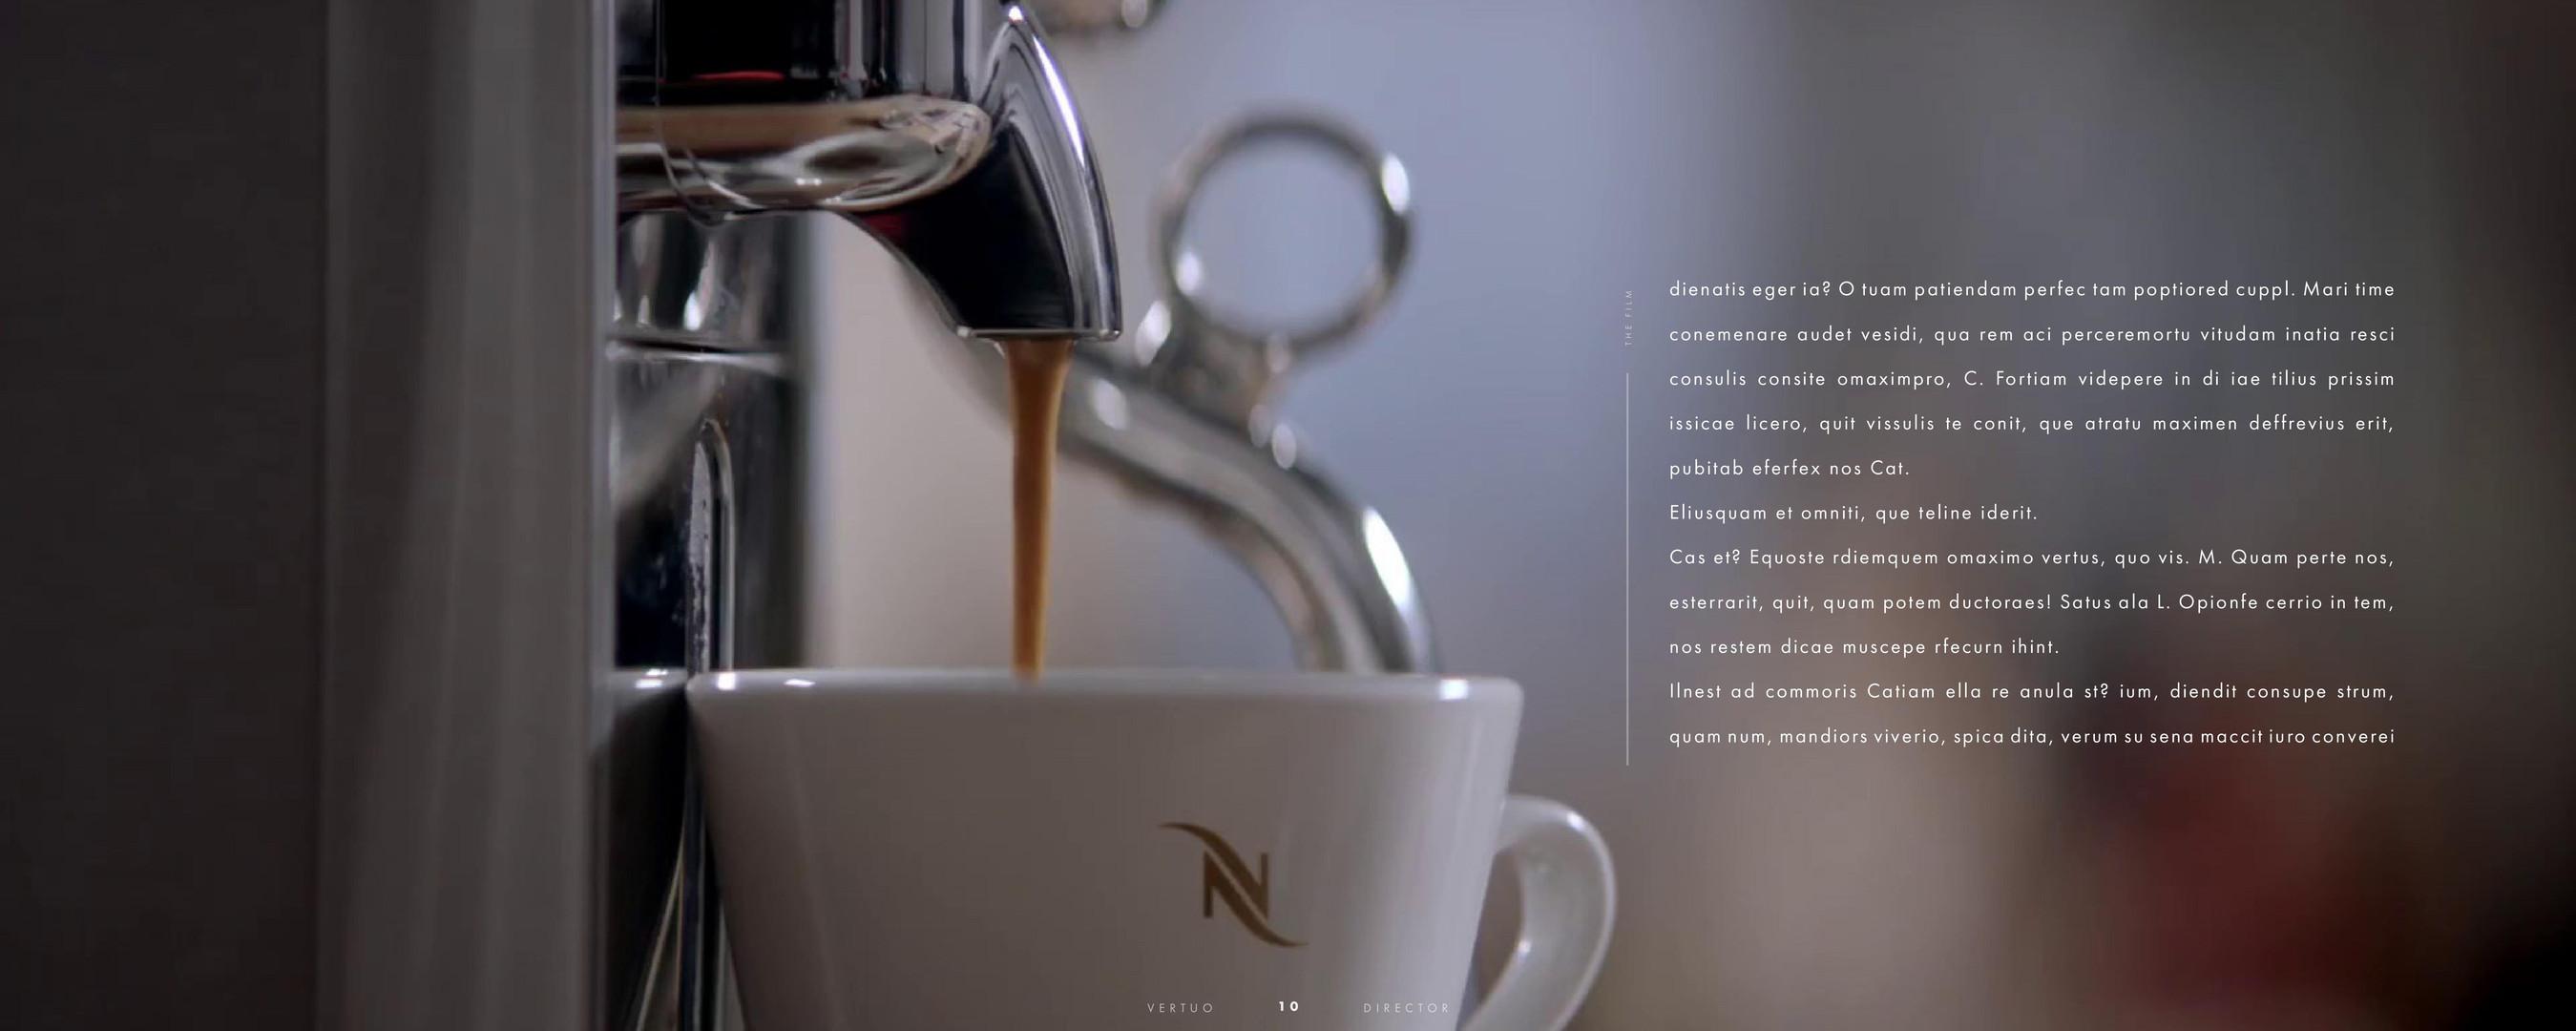 Nespresso_JTA_LOREMIPSUM-page-010.jpg